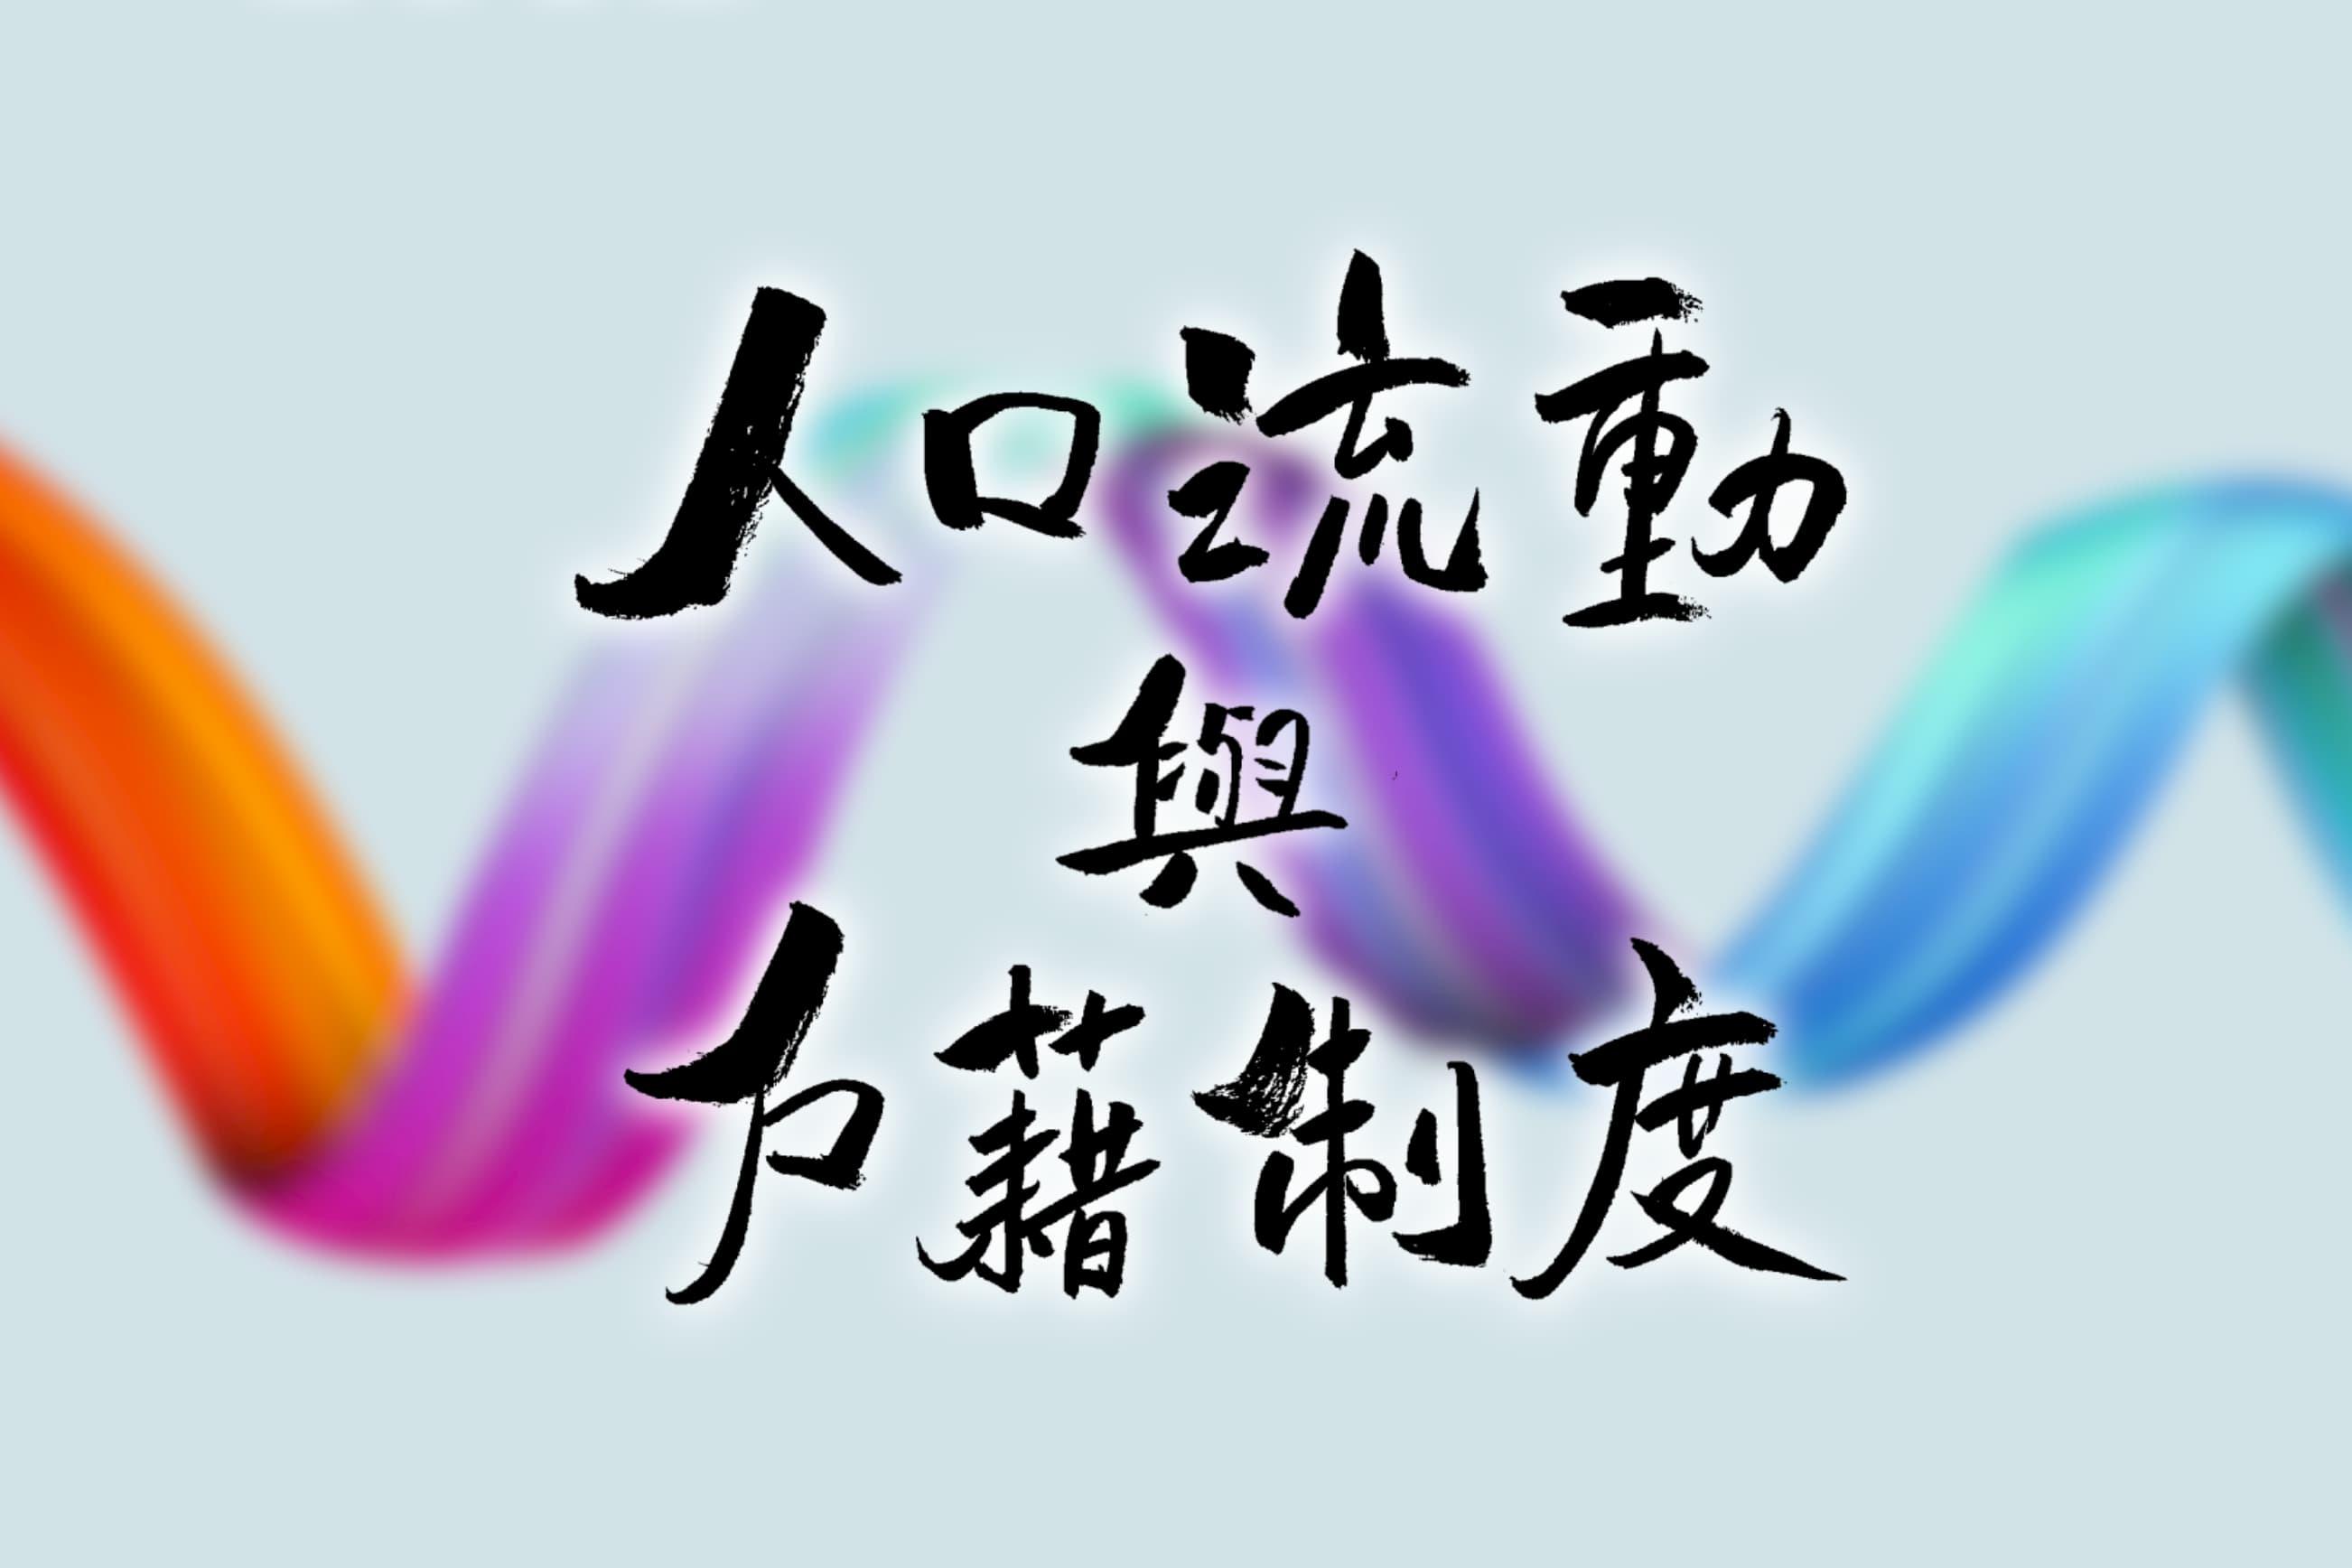 yingmukuaizhao_2019-11-27_shangwu10.36.13